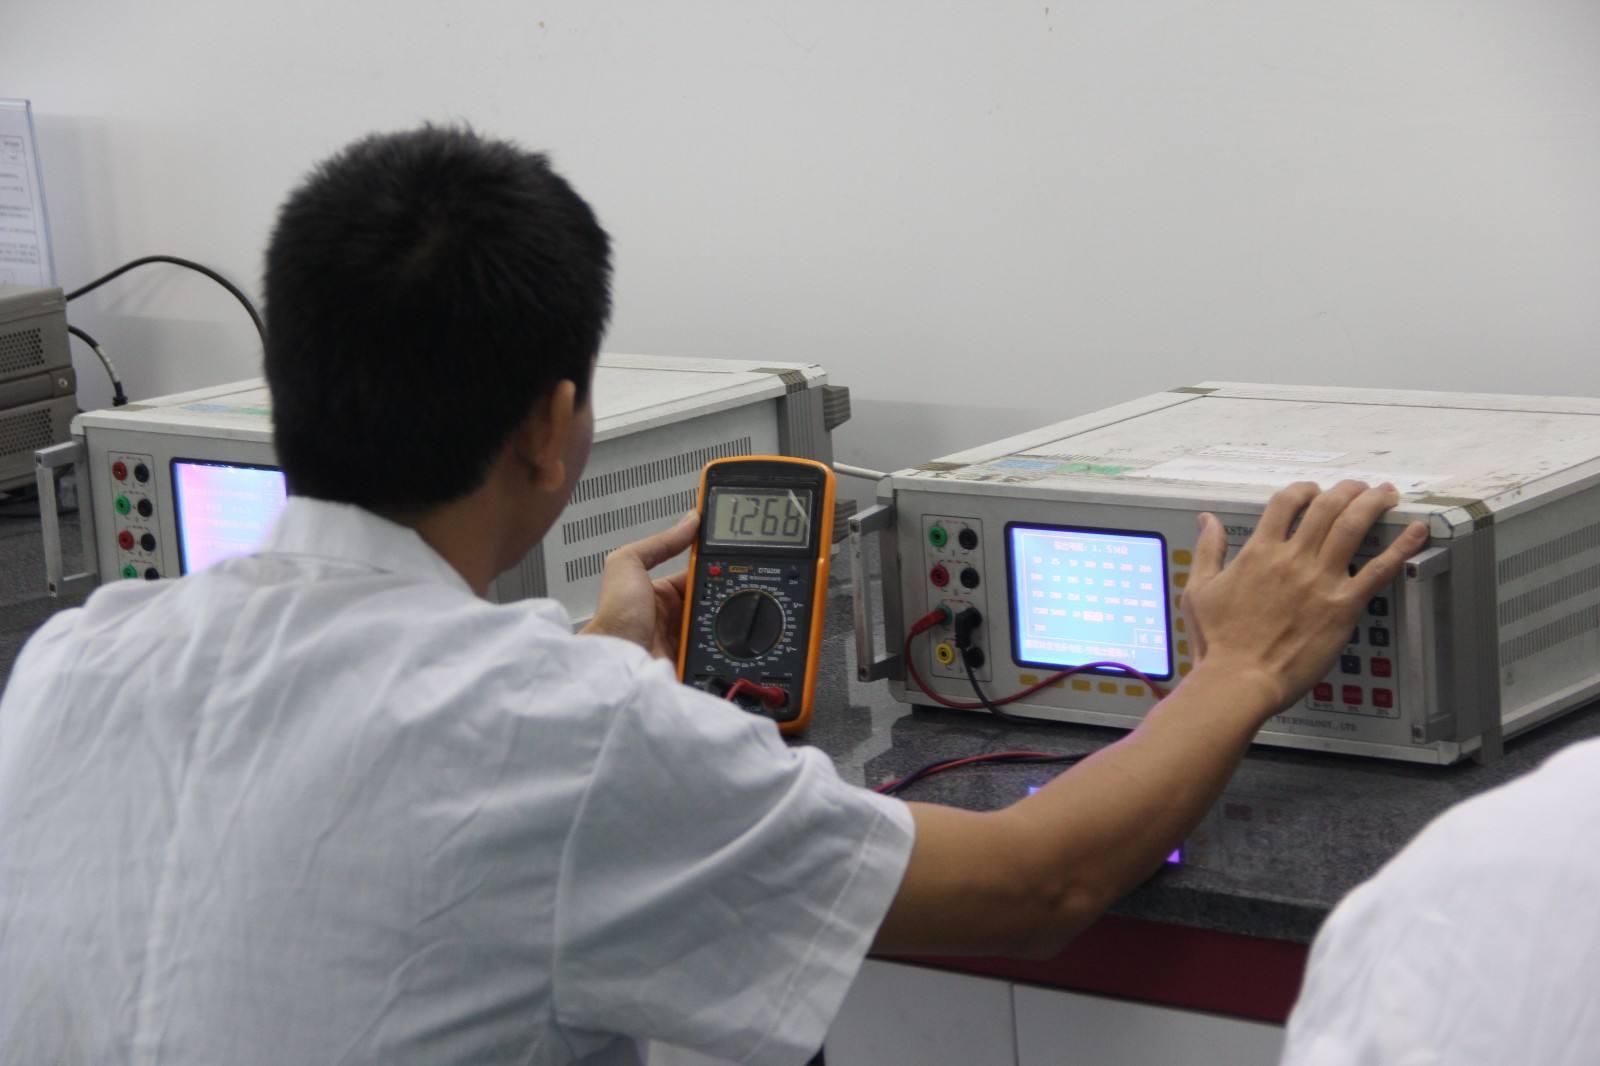 阿坝若尔盖容器校准-容器校正-容器校验-满足体系认证需求